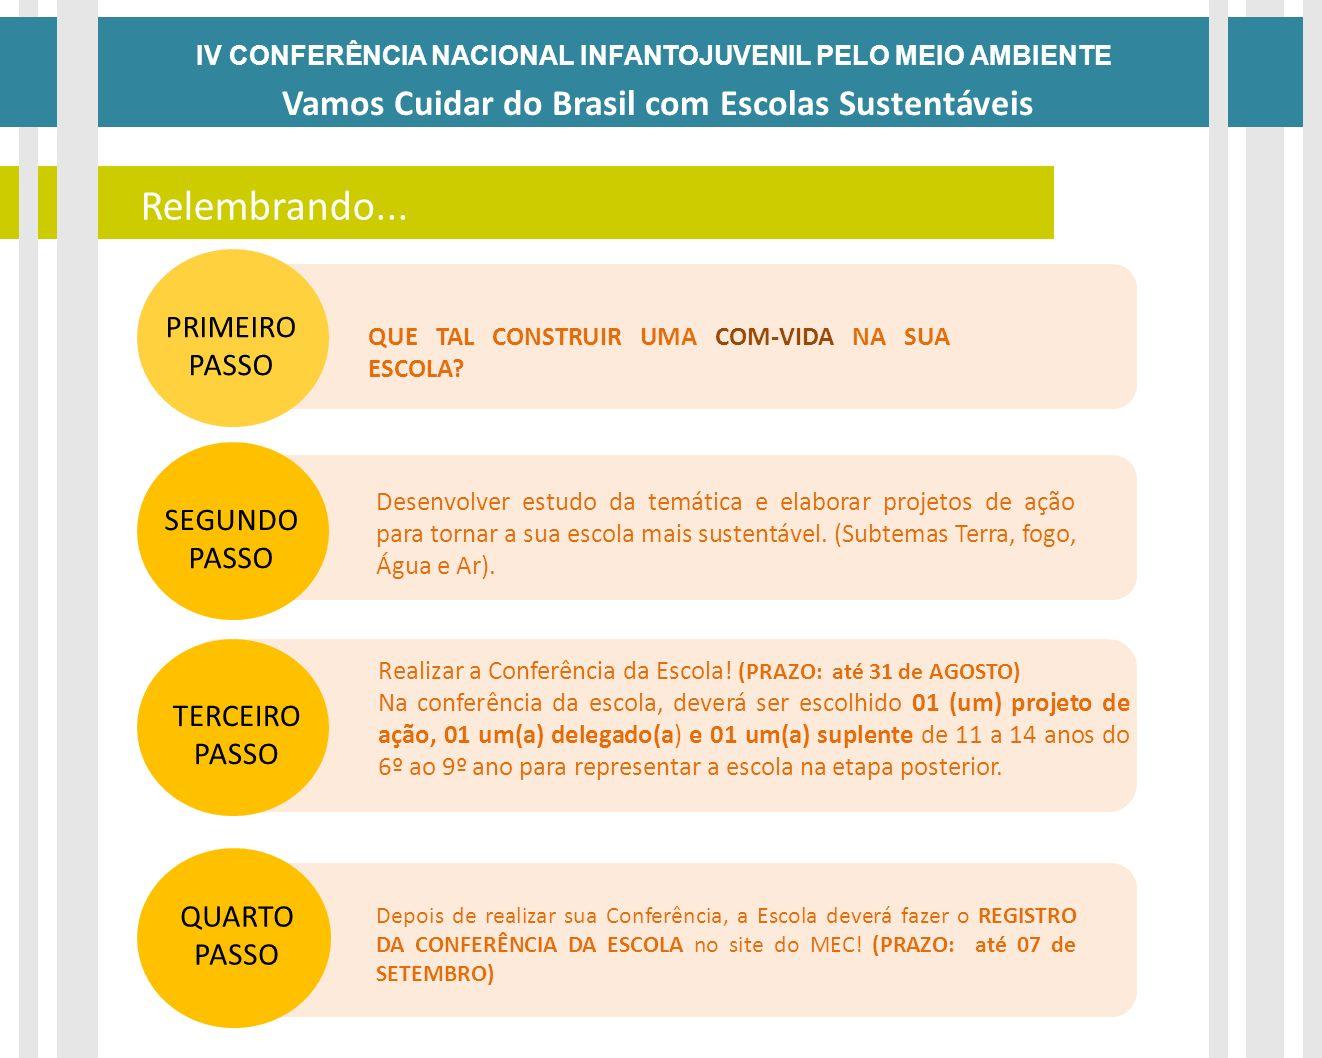 IV CONFERÊNCIA NACIONAL INFANTOJUVENIL PELO MEIO AMBIENTE Vamos Cuidar do Brasil com Escolas Sustentáveis DATAS Relembrando... DATAS PRIMEIRO PASSO QU